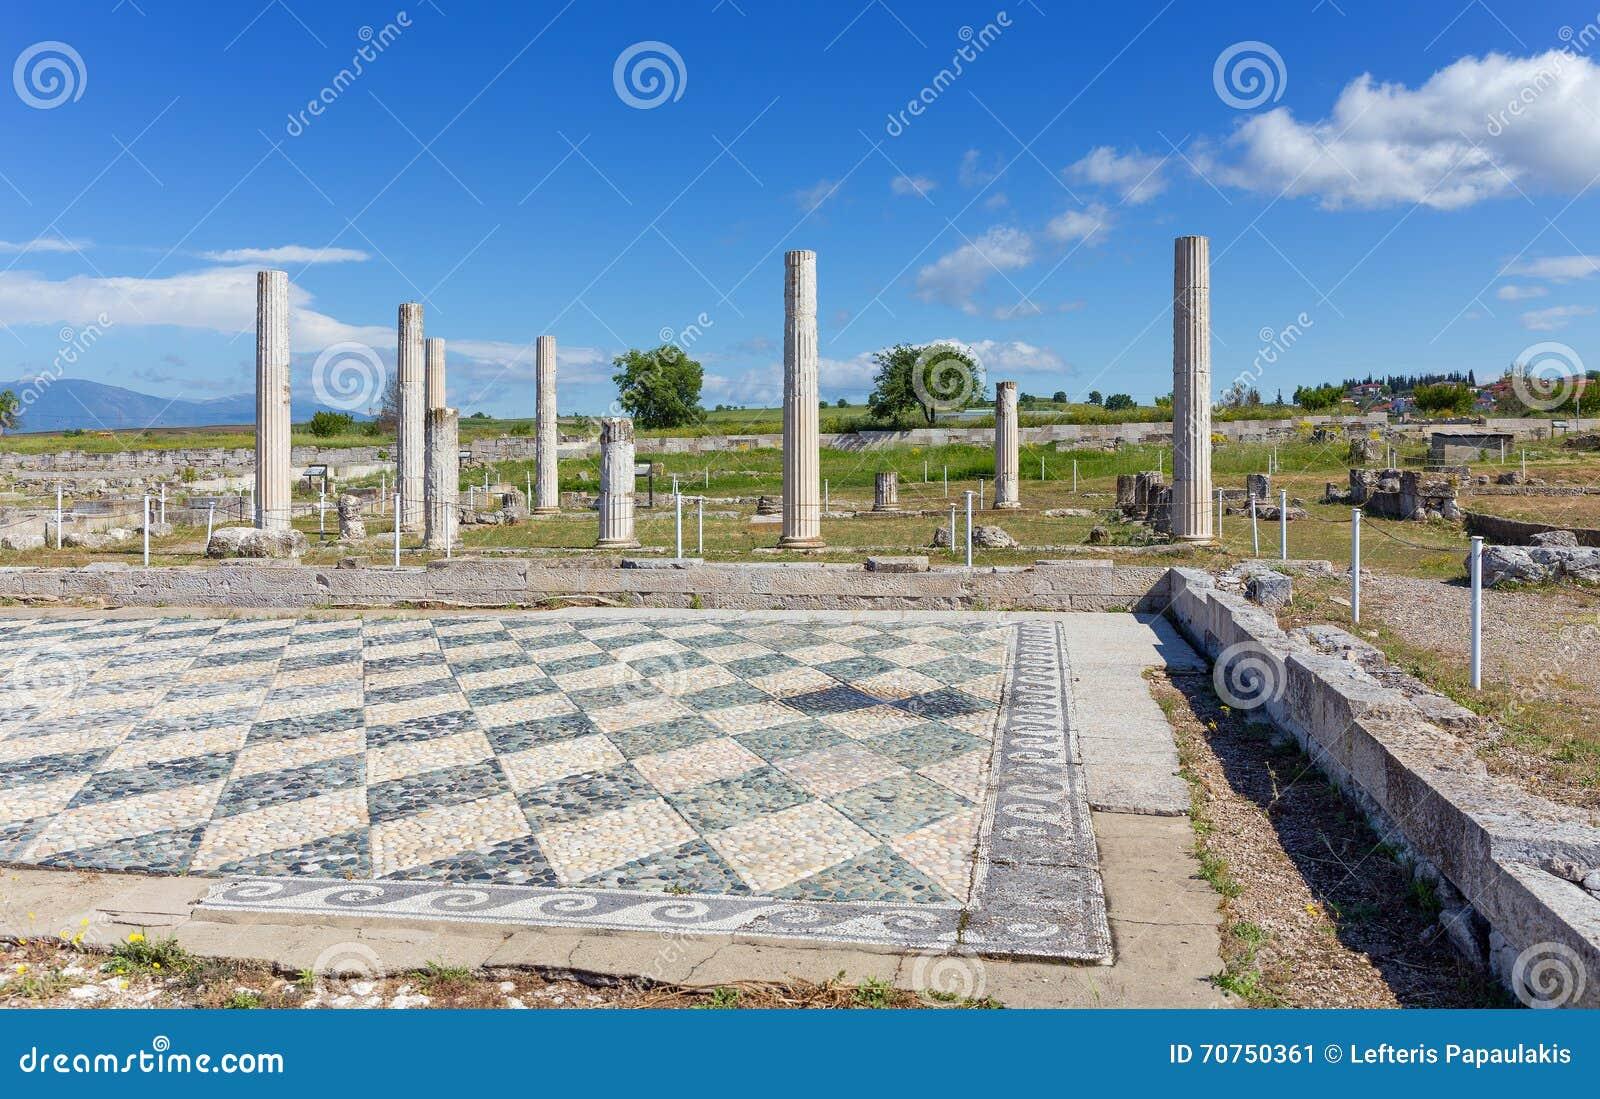 Ruins of ancient Pella, Macedonia, Greece